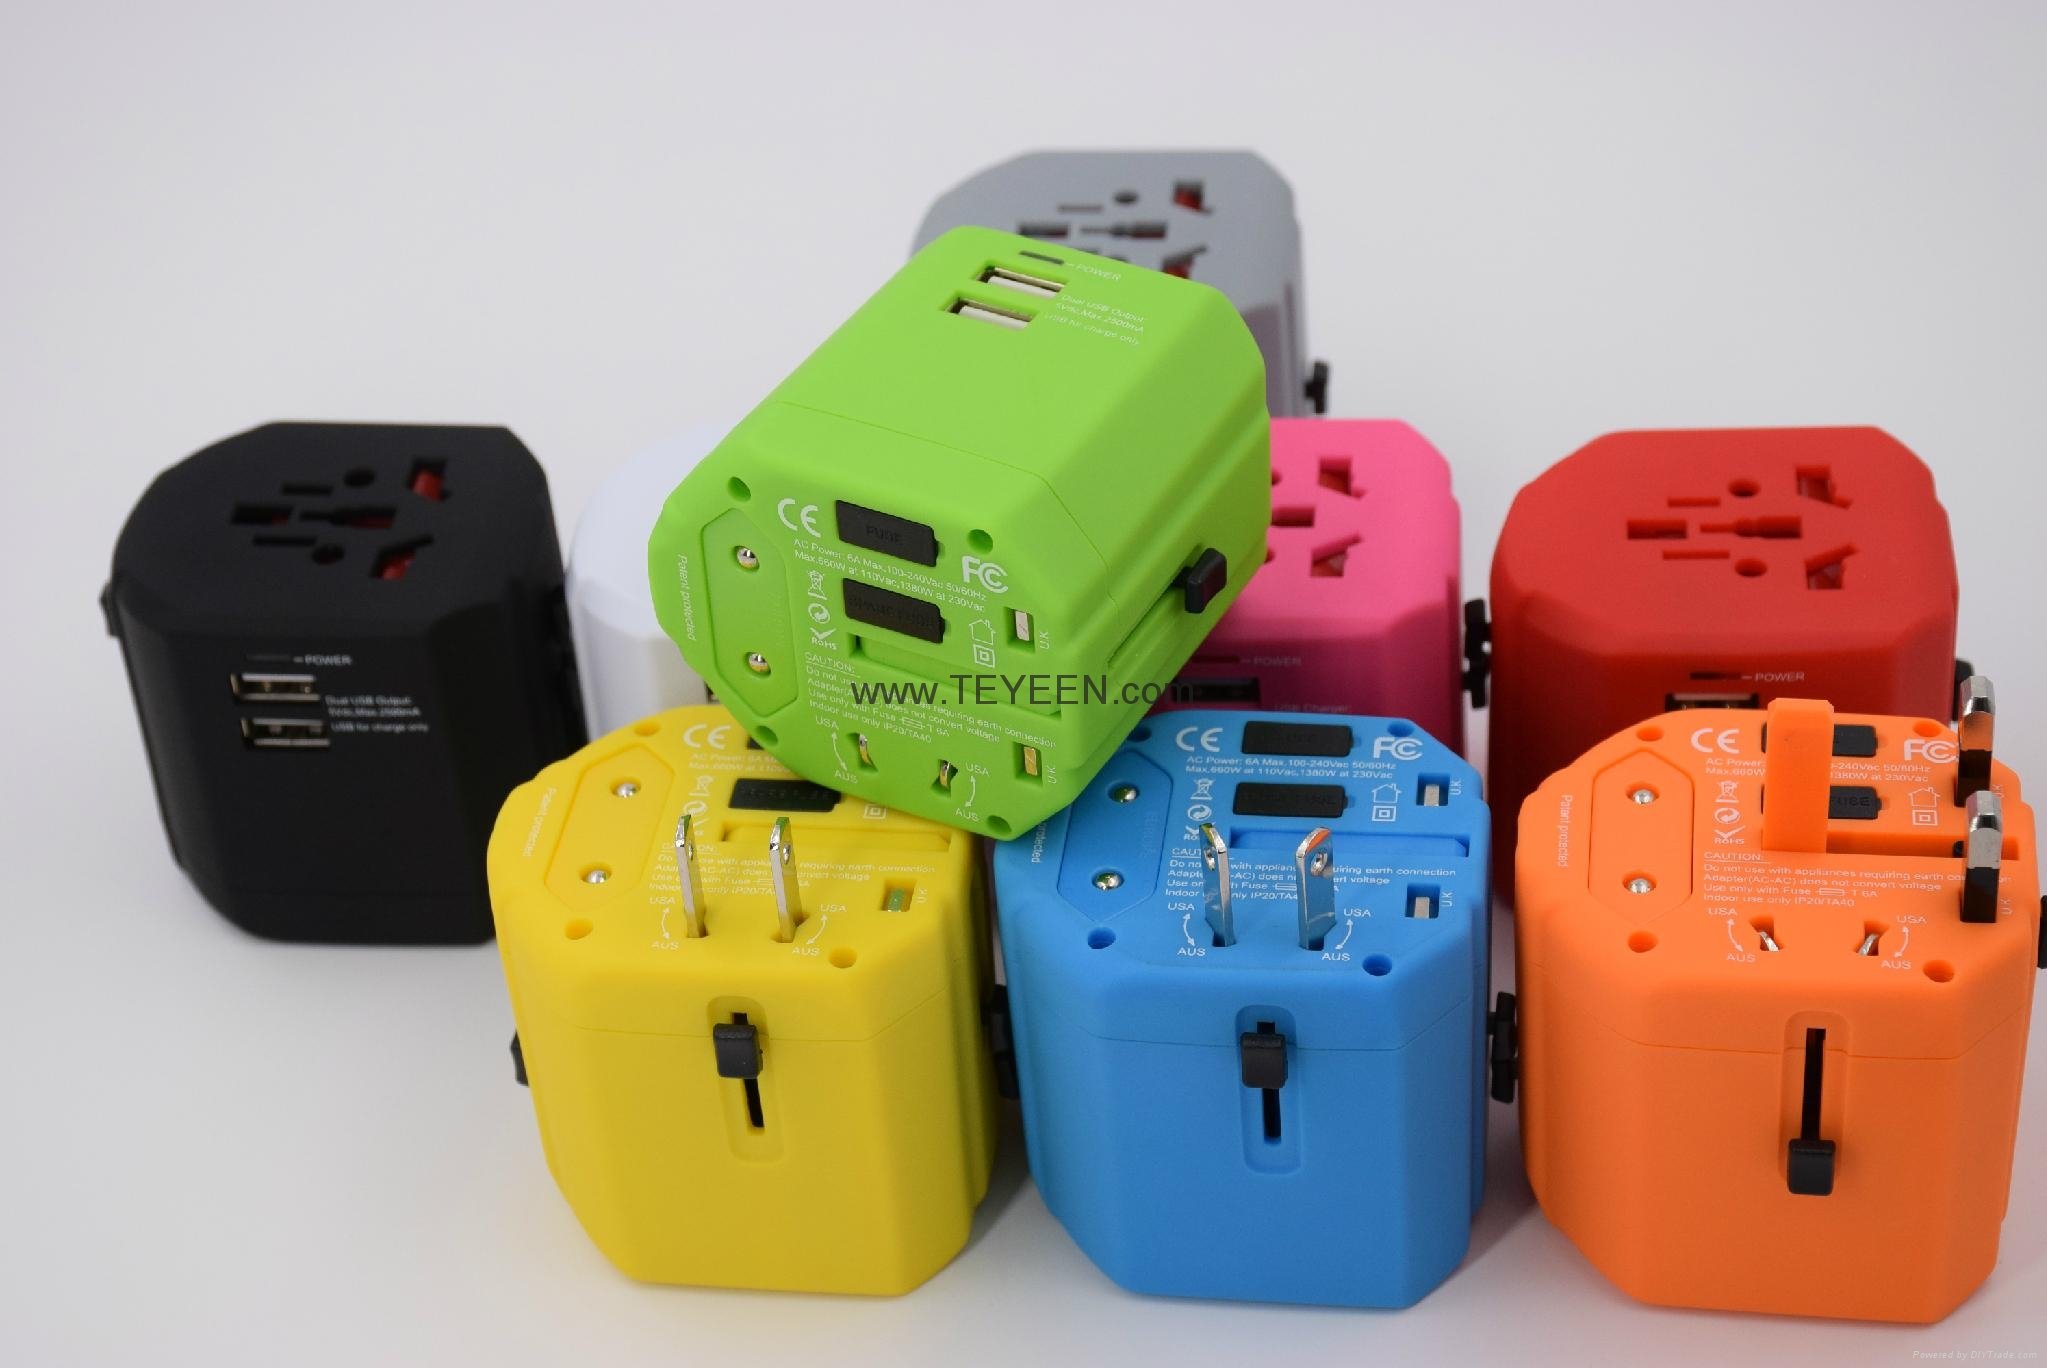 经典款双USB多功能插头  DY-019 17